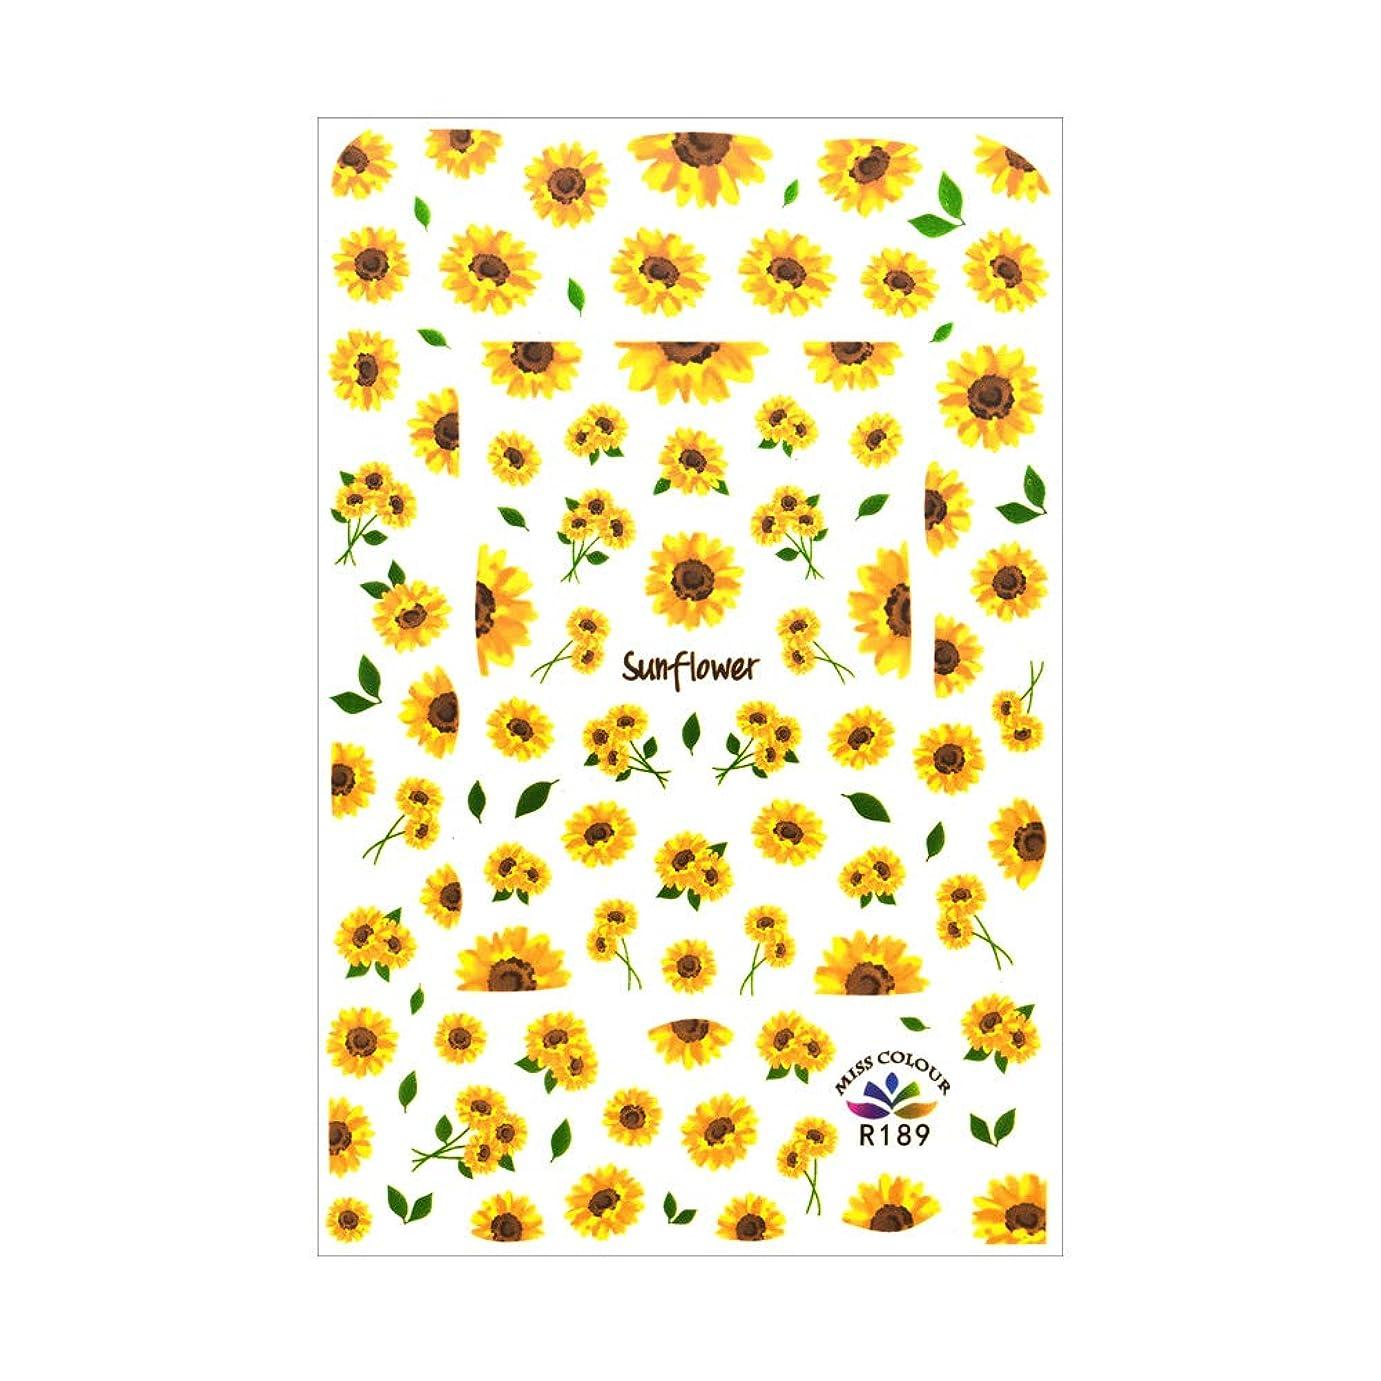 マラドロイト旋律的部分的にネイルシール ひまわりシール 花 フラワー 一輪花 ひまわり ヒマワリ 向日葵 サンフラワー 夏 サマー